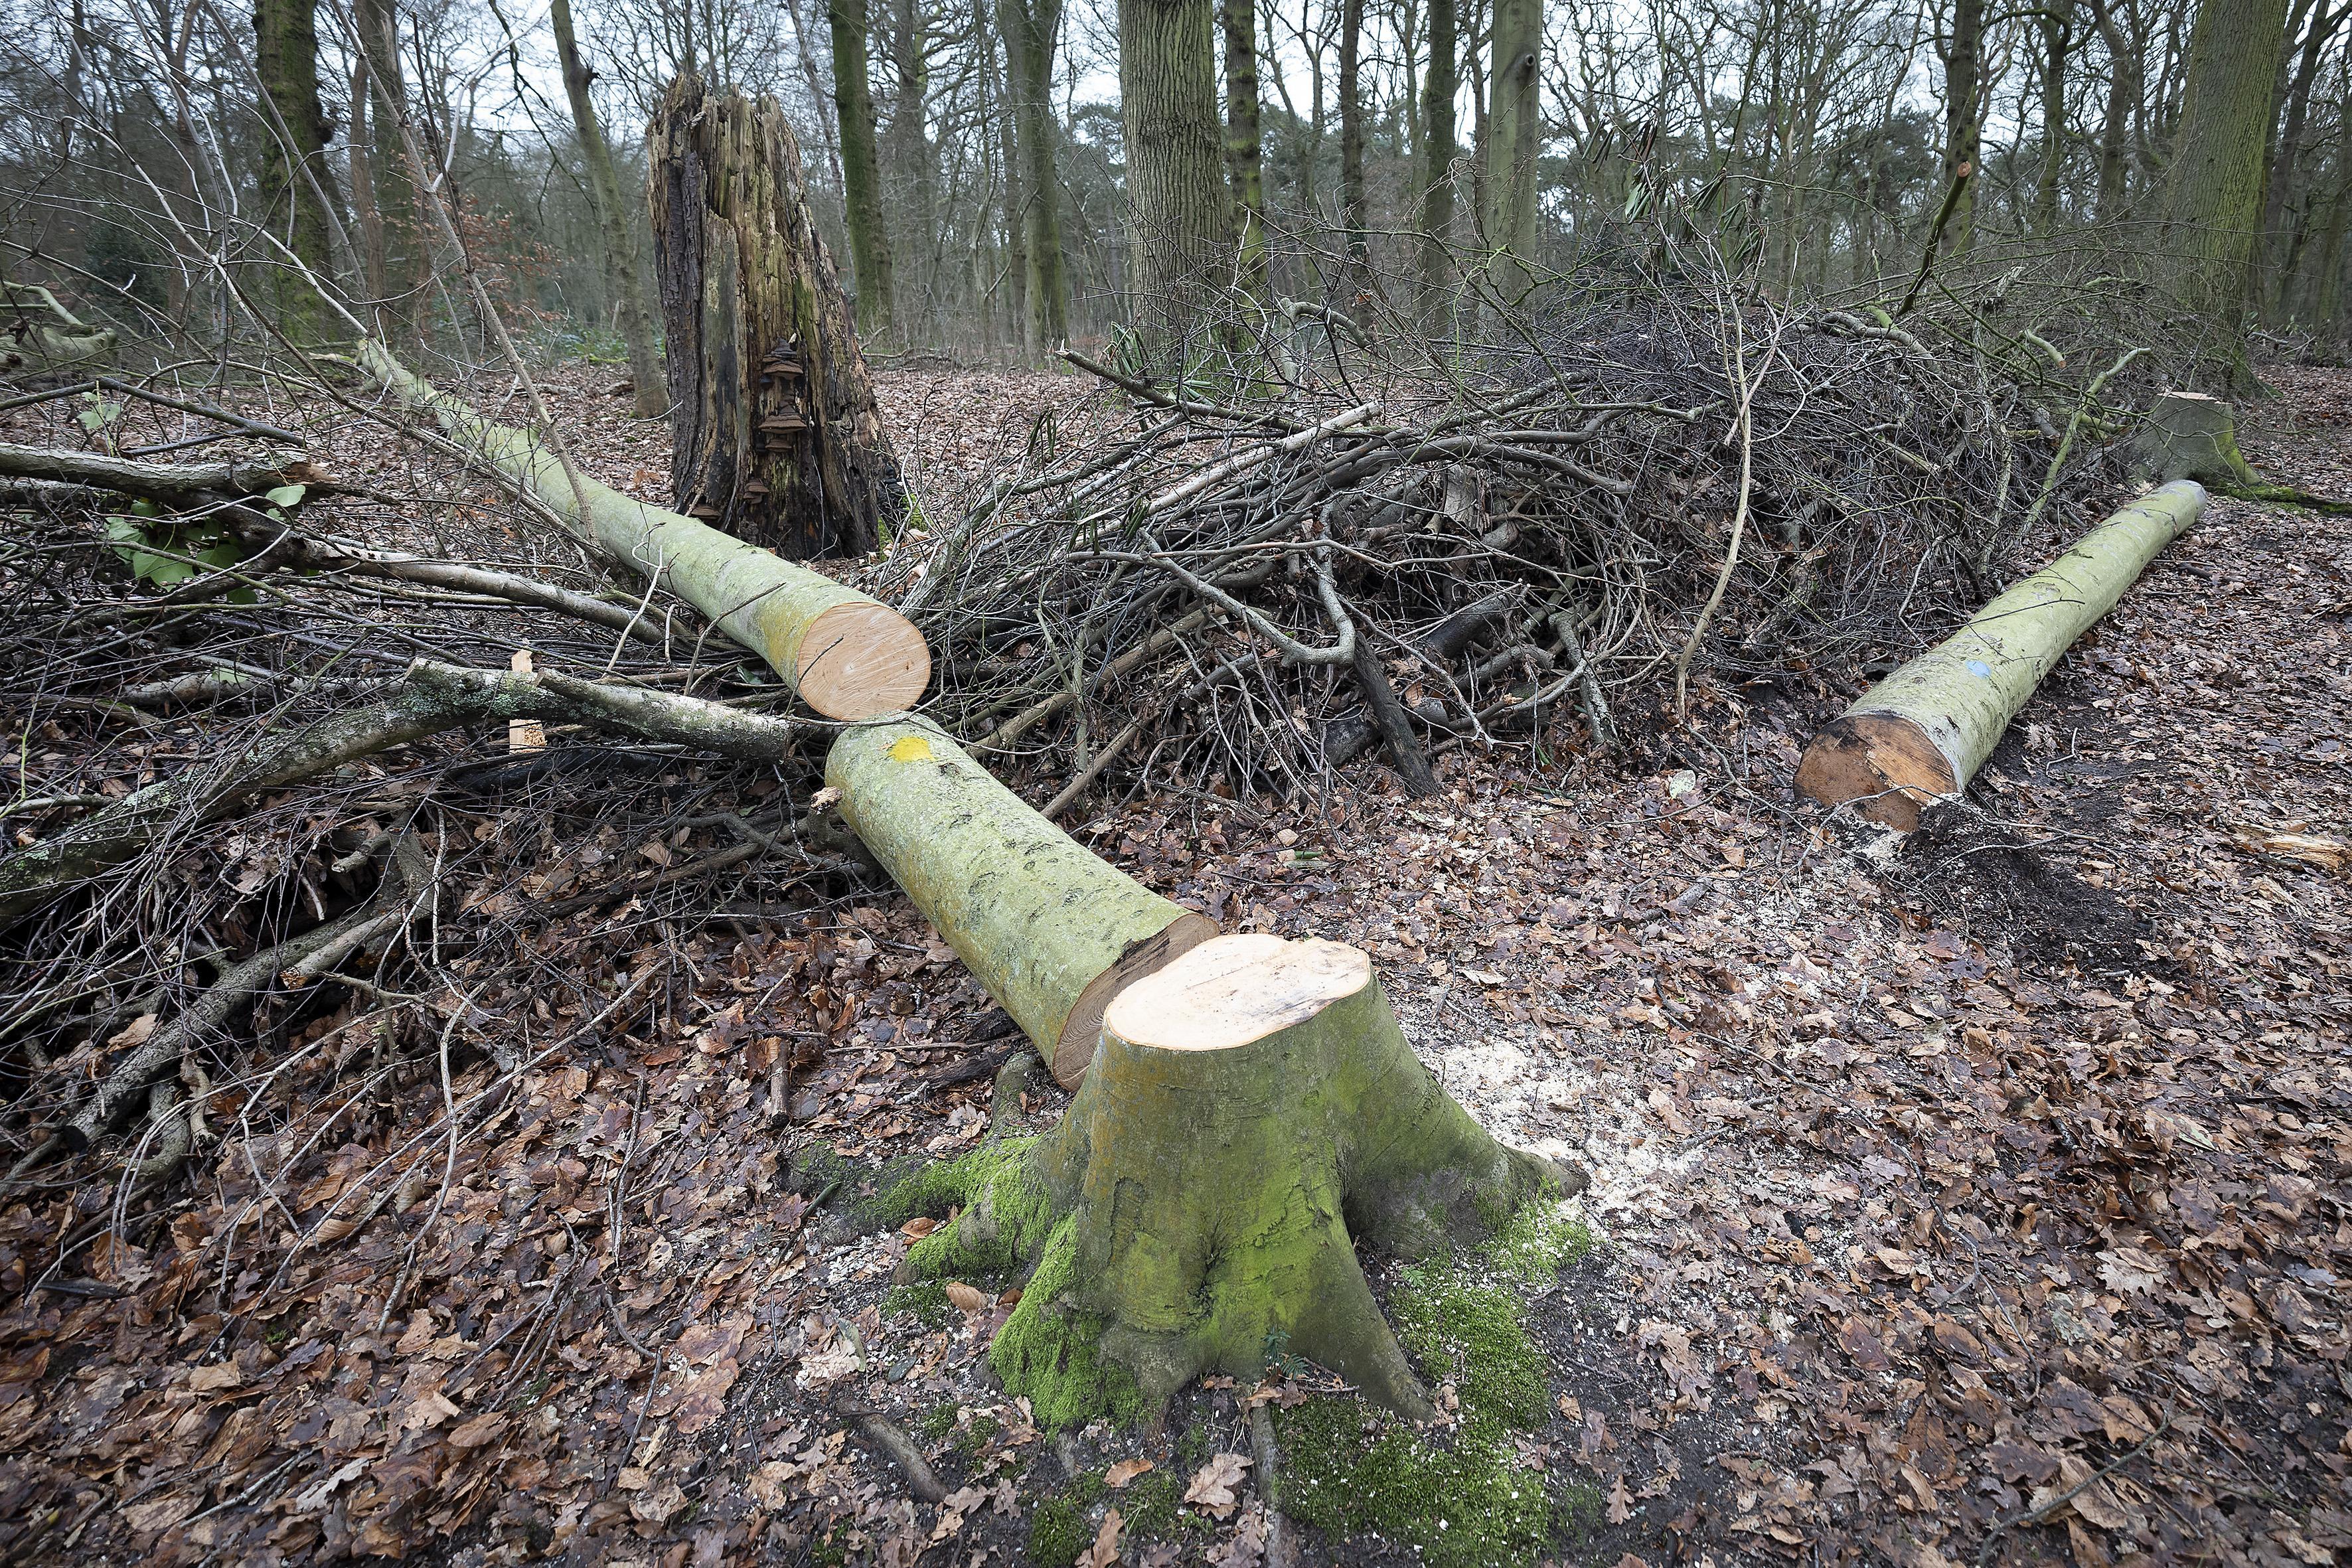 De beuken en de esdoorns gaan eruit: Er zit een gedachte achter 'kaalslag' Groenendaalse Bos in Heemstede